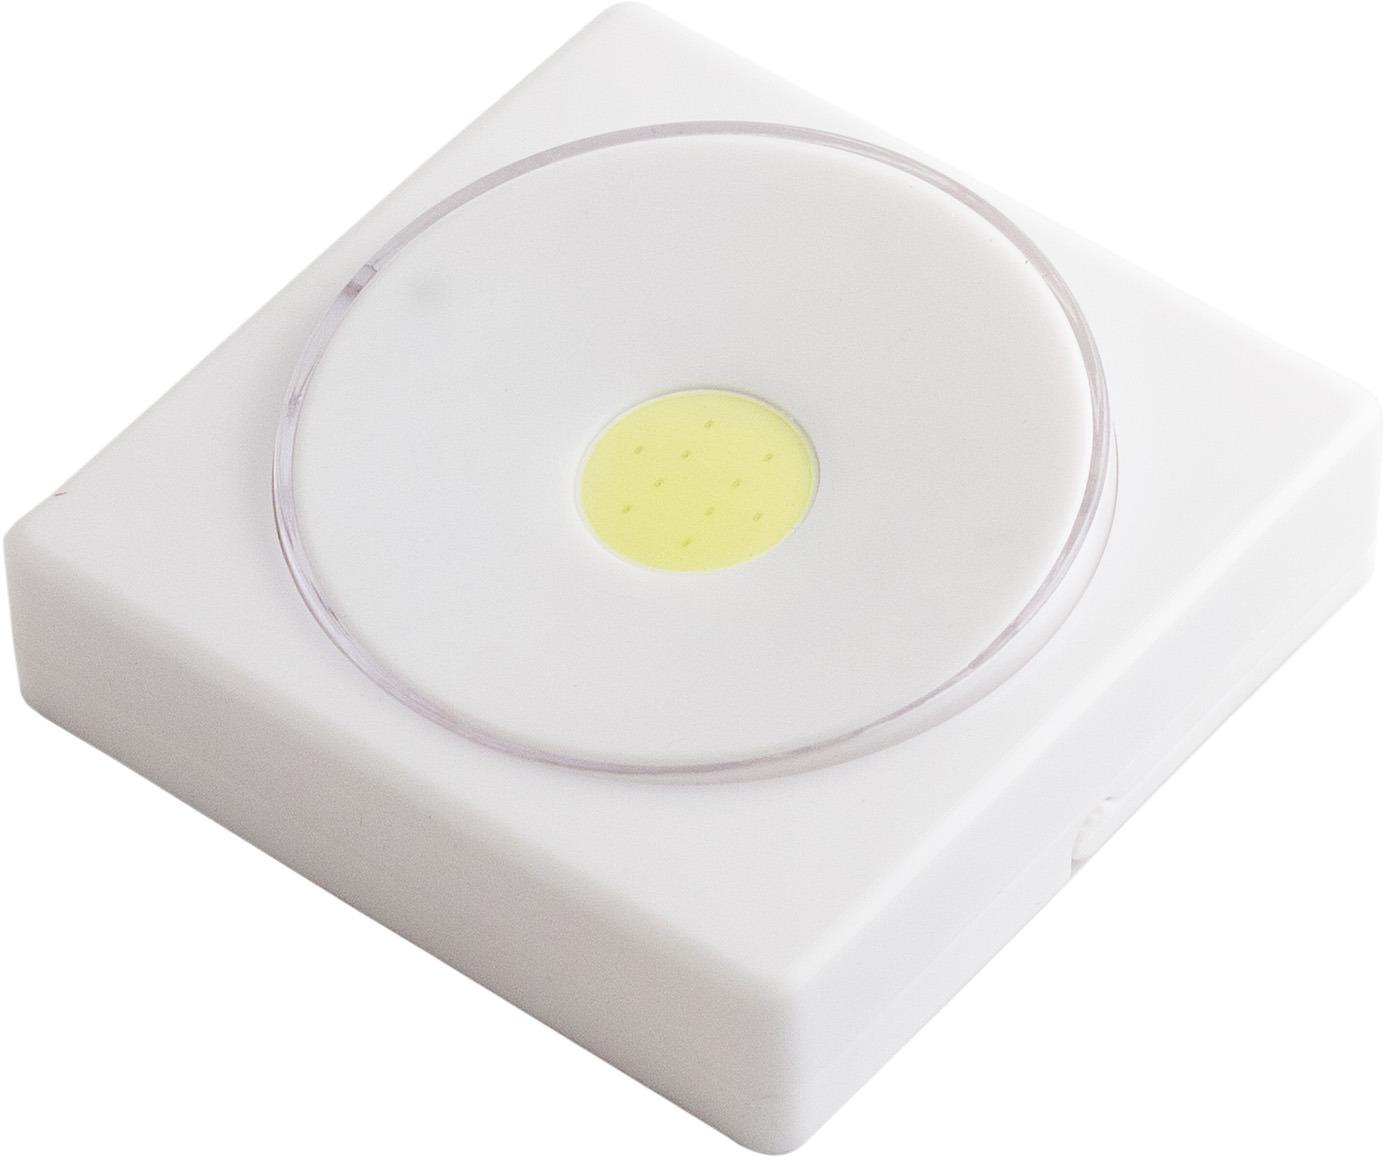 Фото - Светильник Эврика Универсальный №2, цвет: белый светильник для чтения книг эврика цвет оранжевый